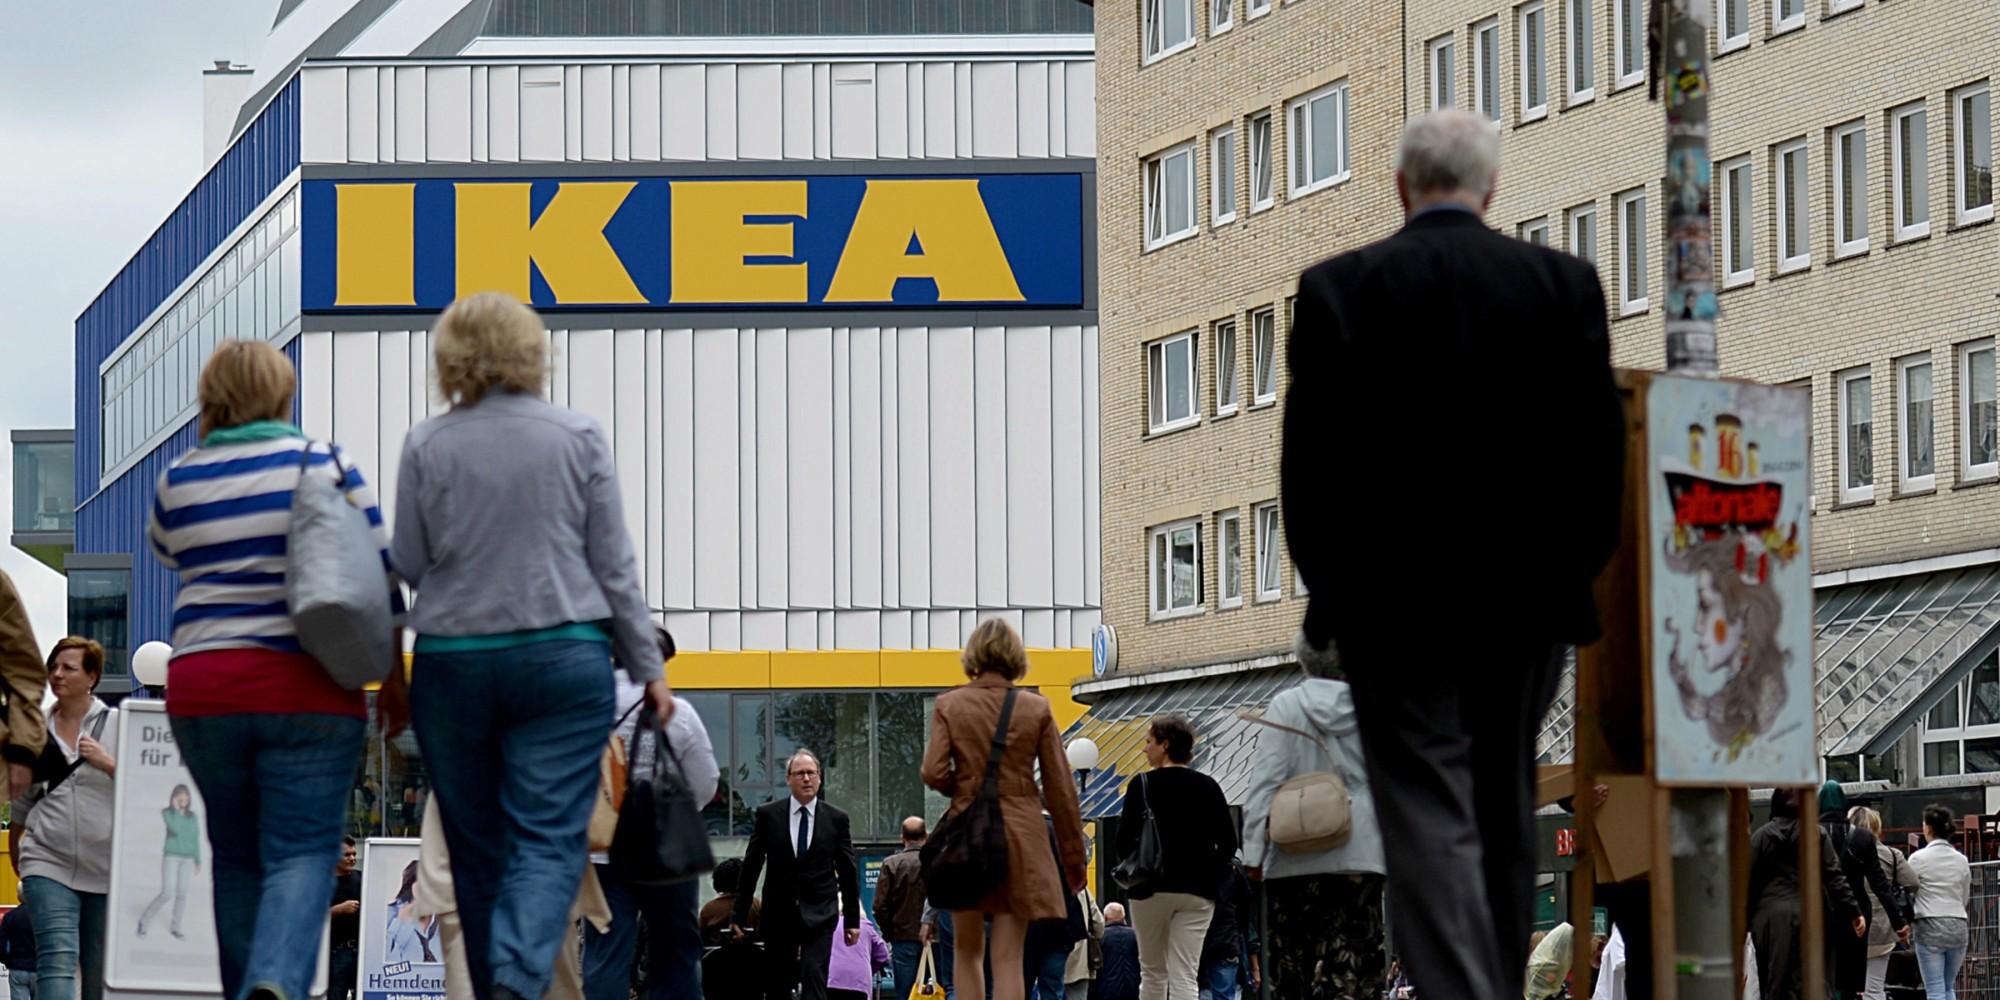 Ikea veut ouvrir 5 magasins au maroc terme - Ikea casablanca marocco ...